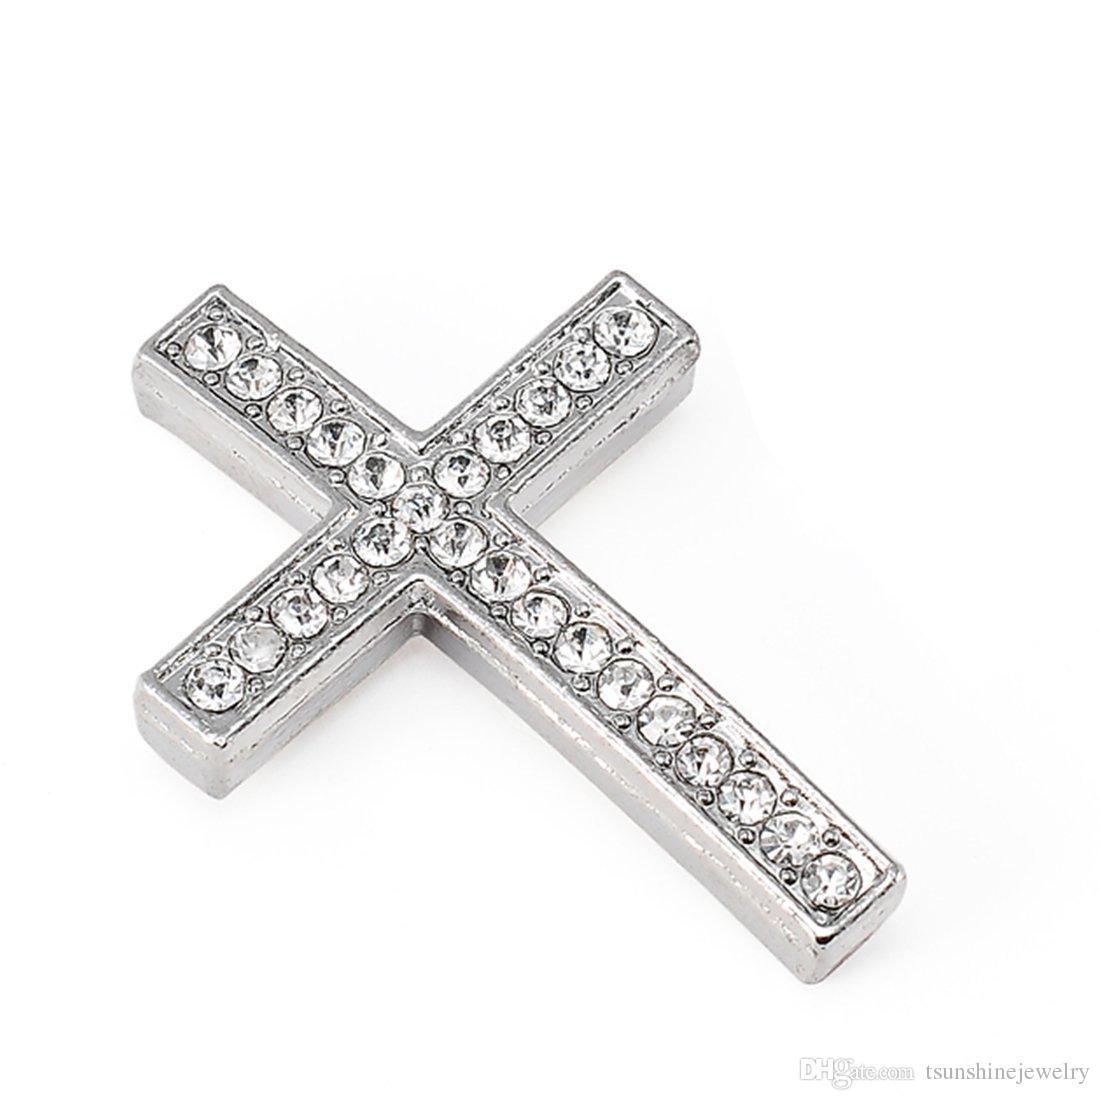 Croix en métal connecteur perle bricolage shamballa bracelet couleur argent blanc cristal clair incrustation pour la fabrication de bijoux